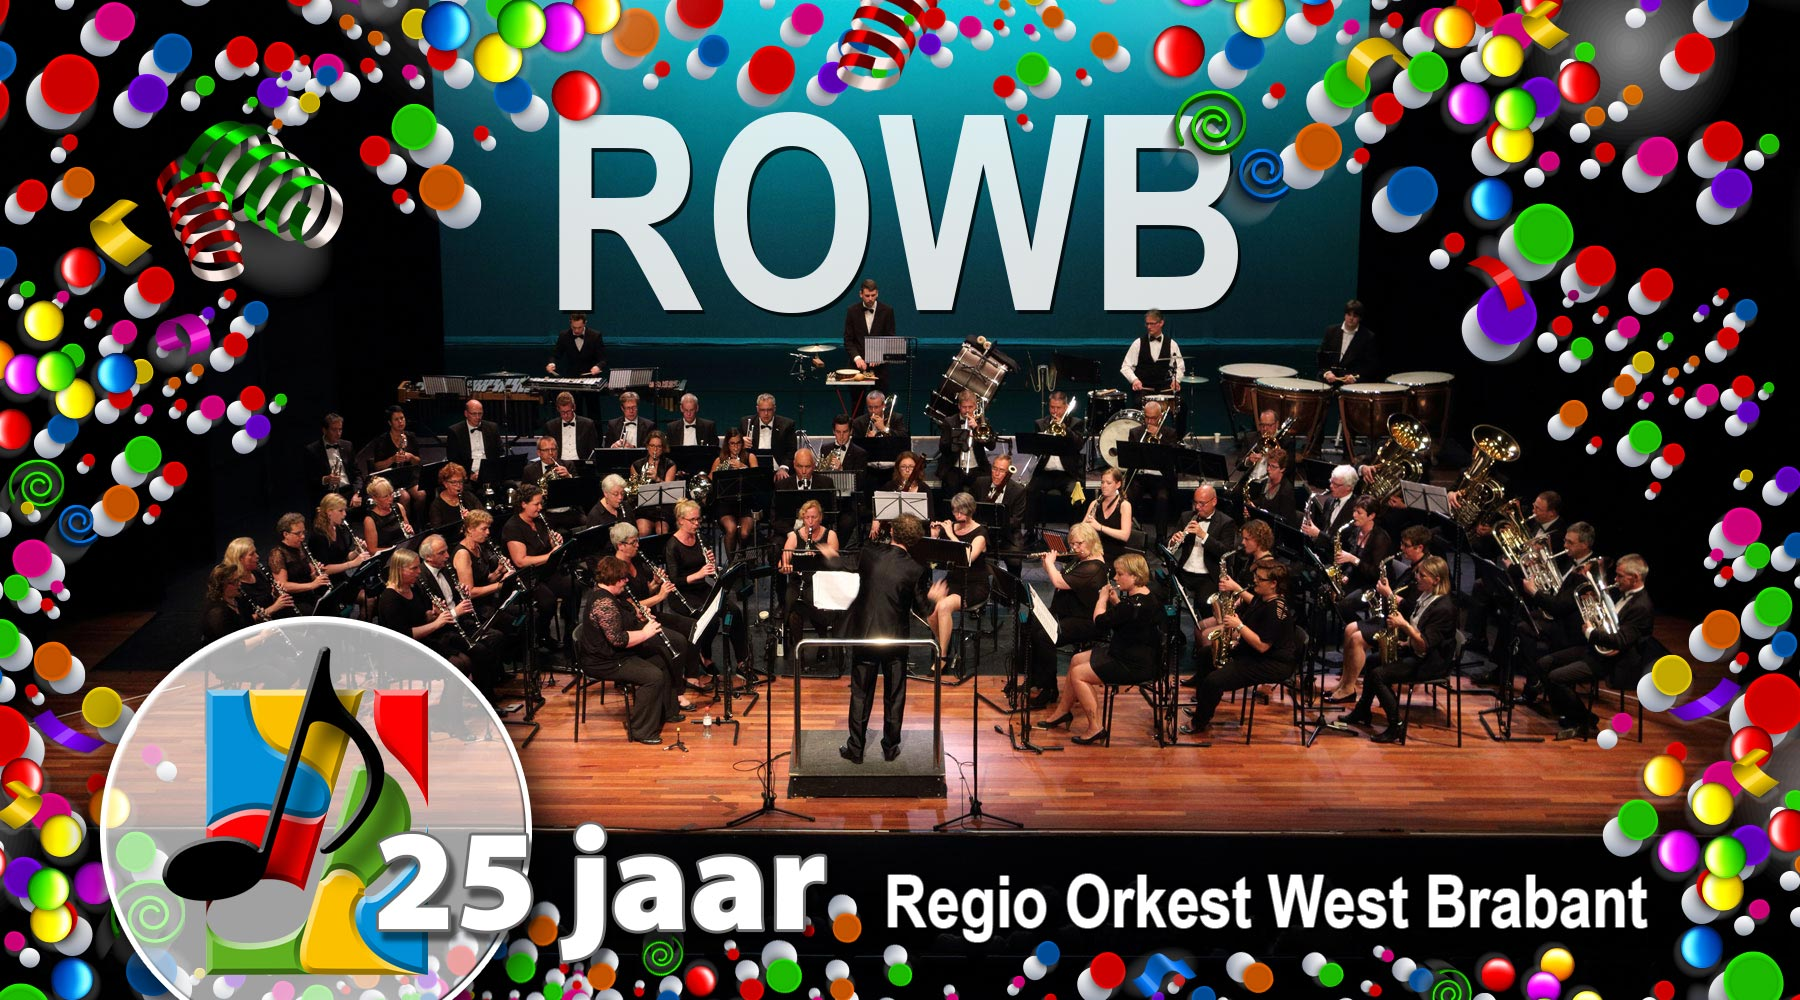 ROWB-25jaar